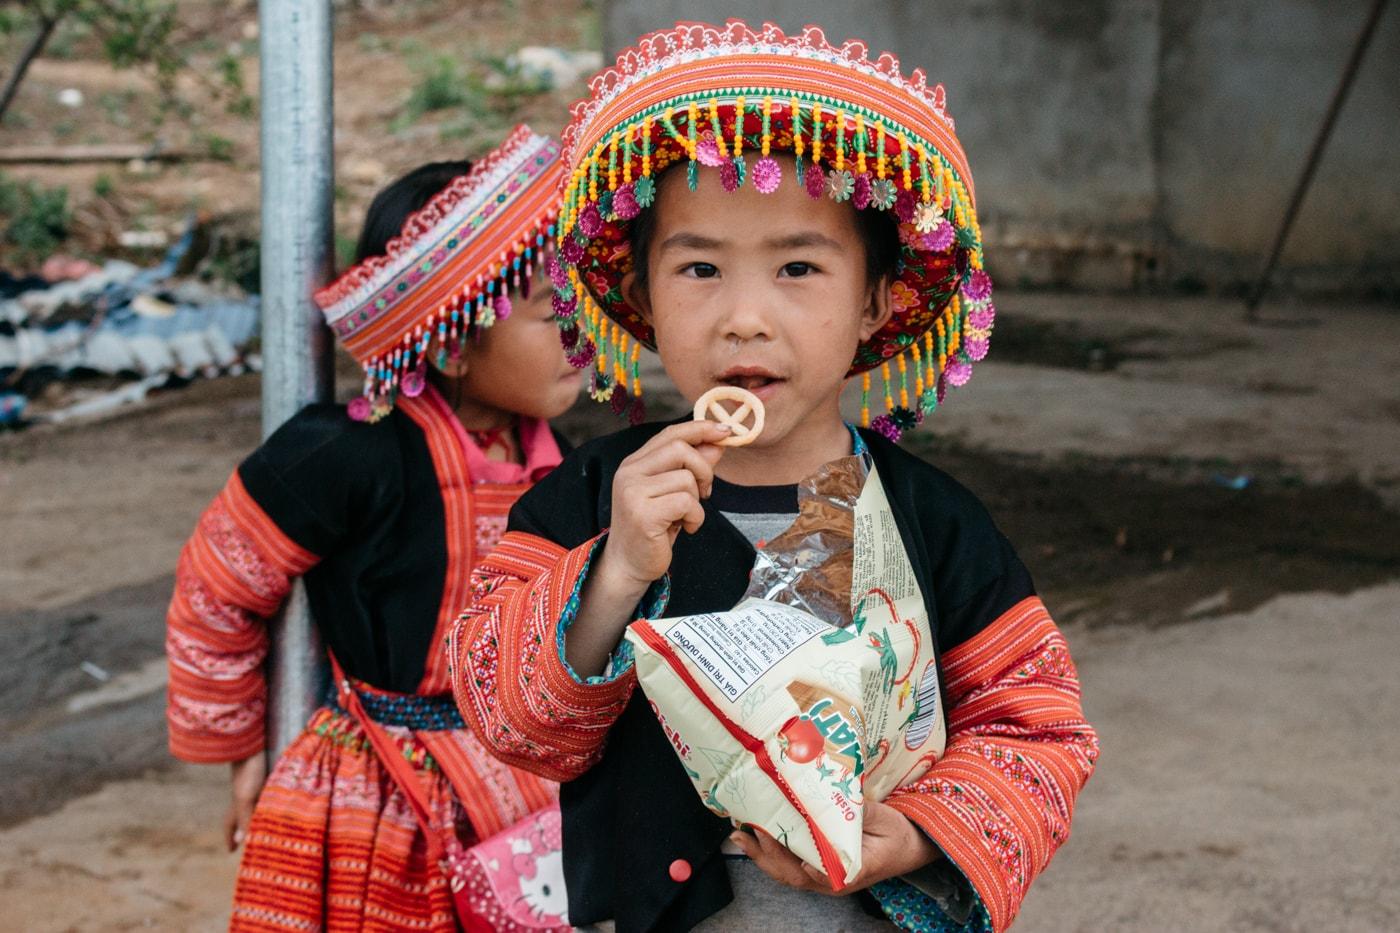 hmongs vietnamese ile ilgili görsel sonucu